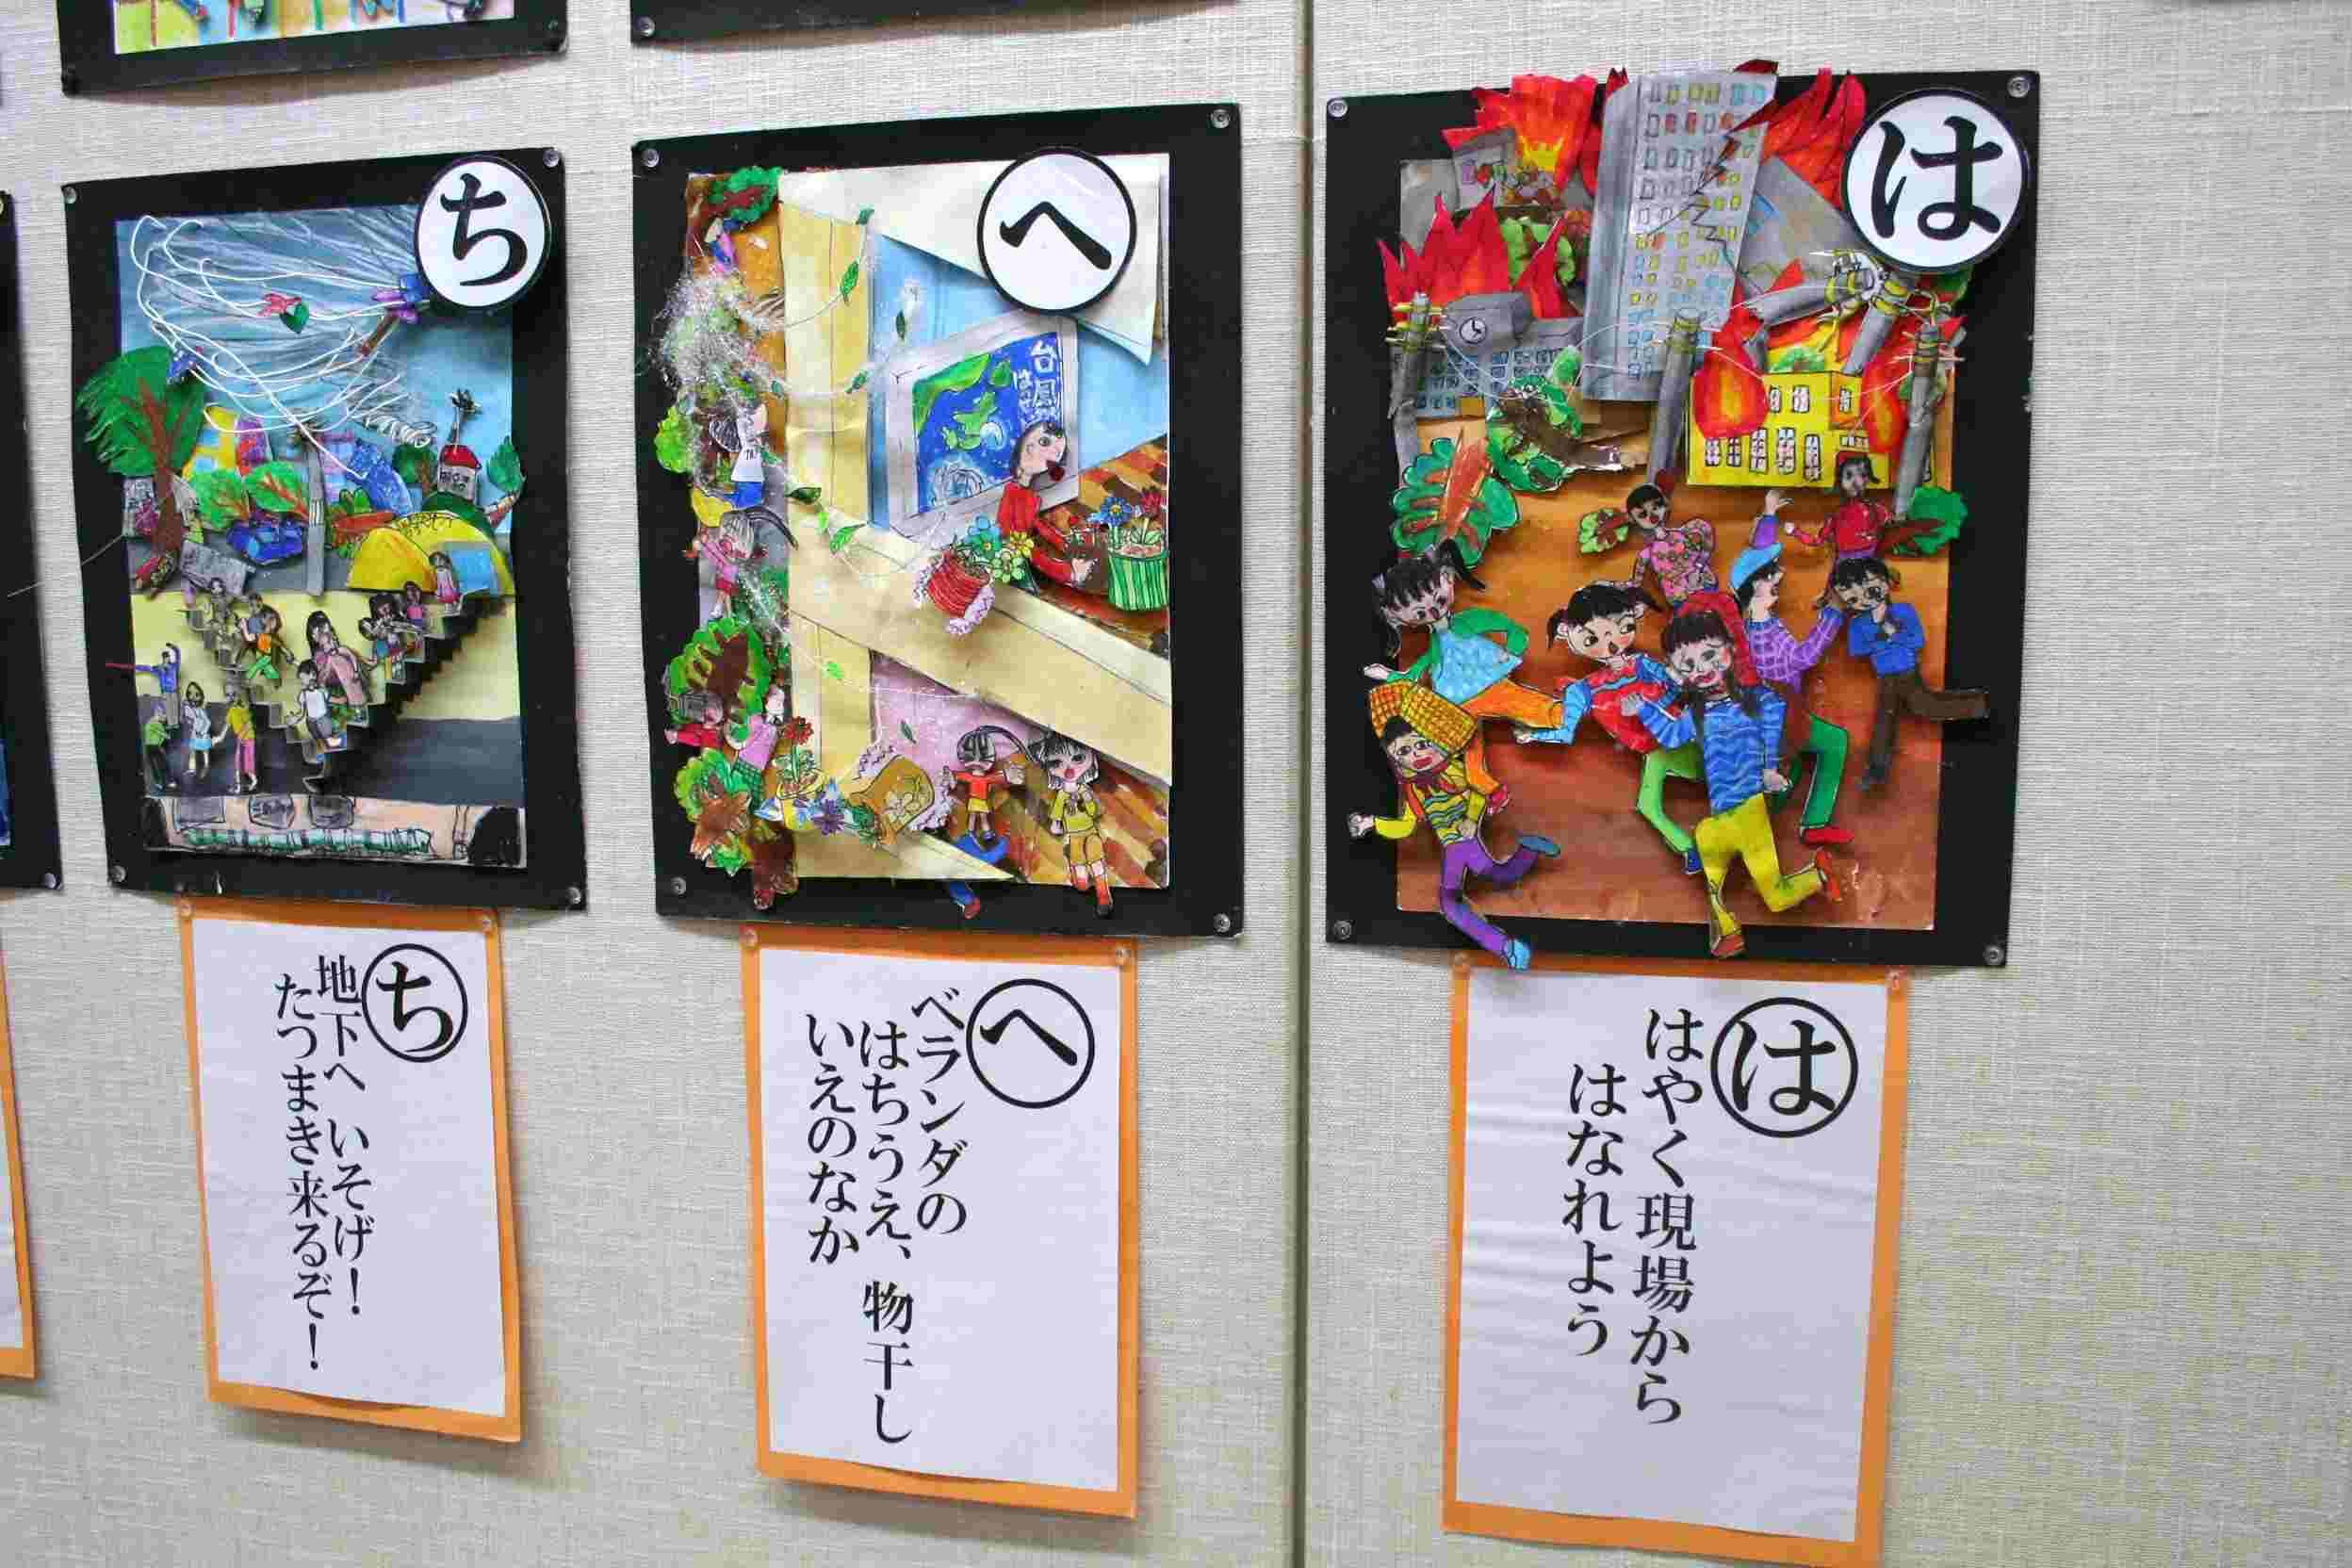 アトリエ太陽の子 の展覧会 神戸_e0167771_18251431.jpg